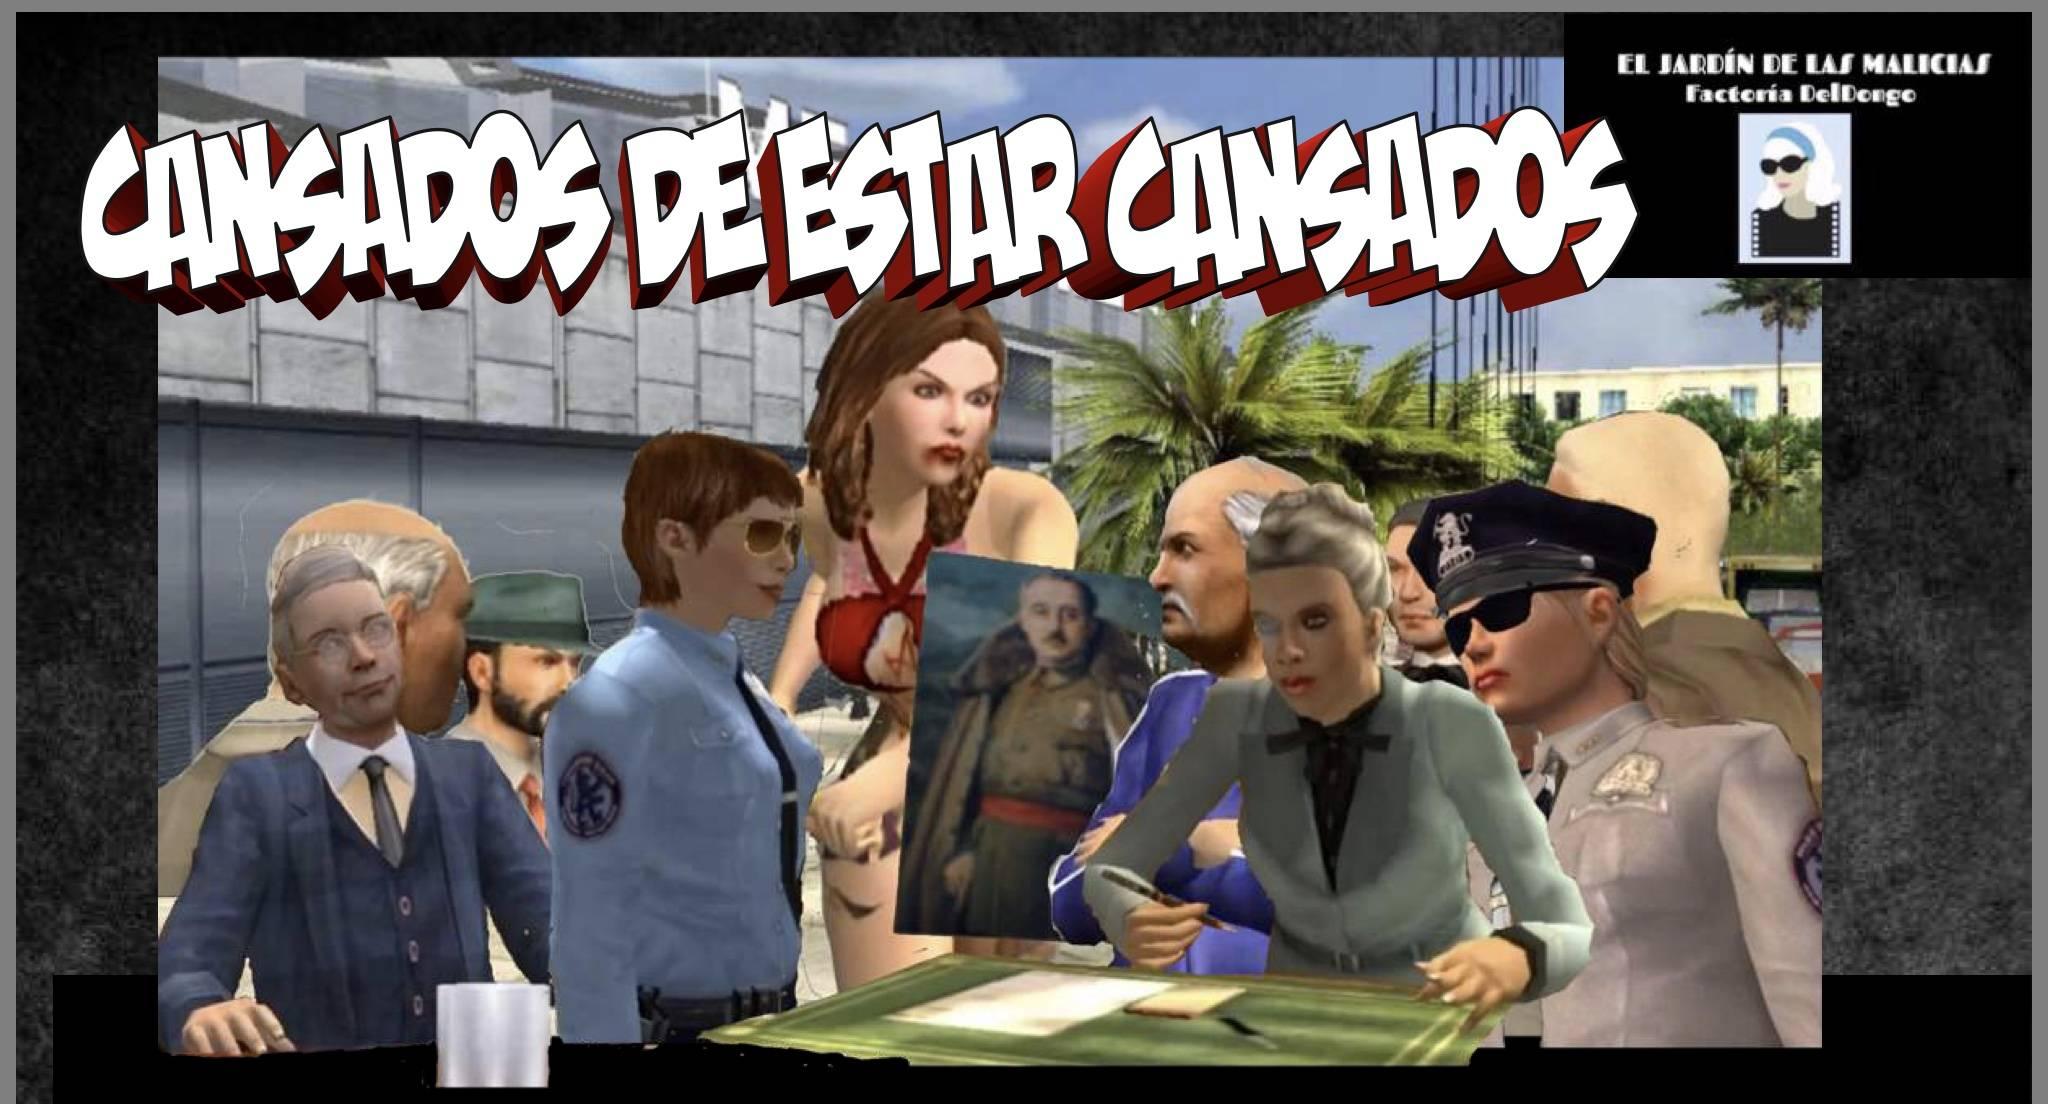 CANSADOS DE ESTAR CANSADOS (cómic) ALBfviO